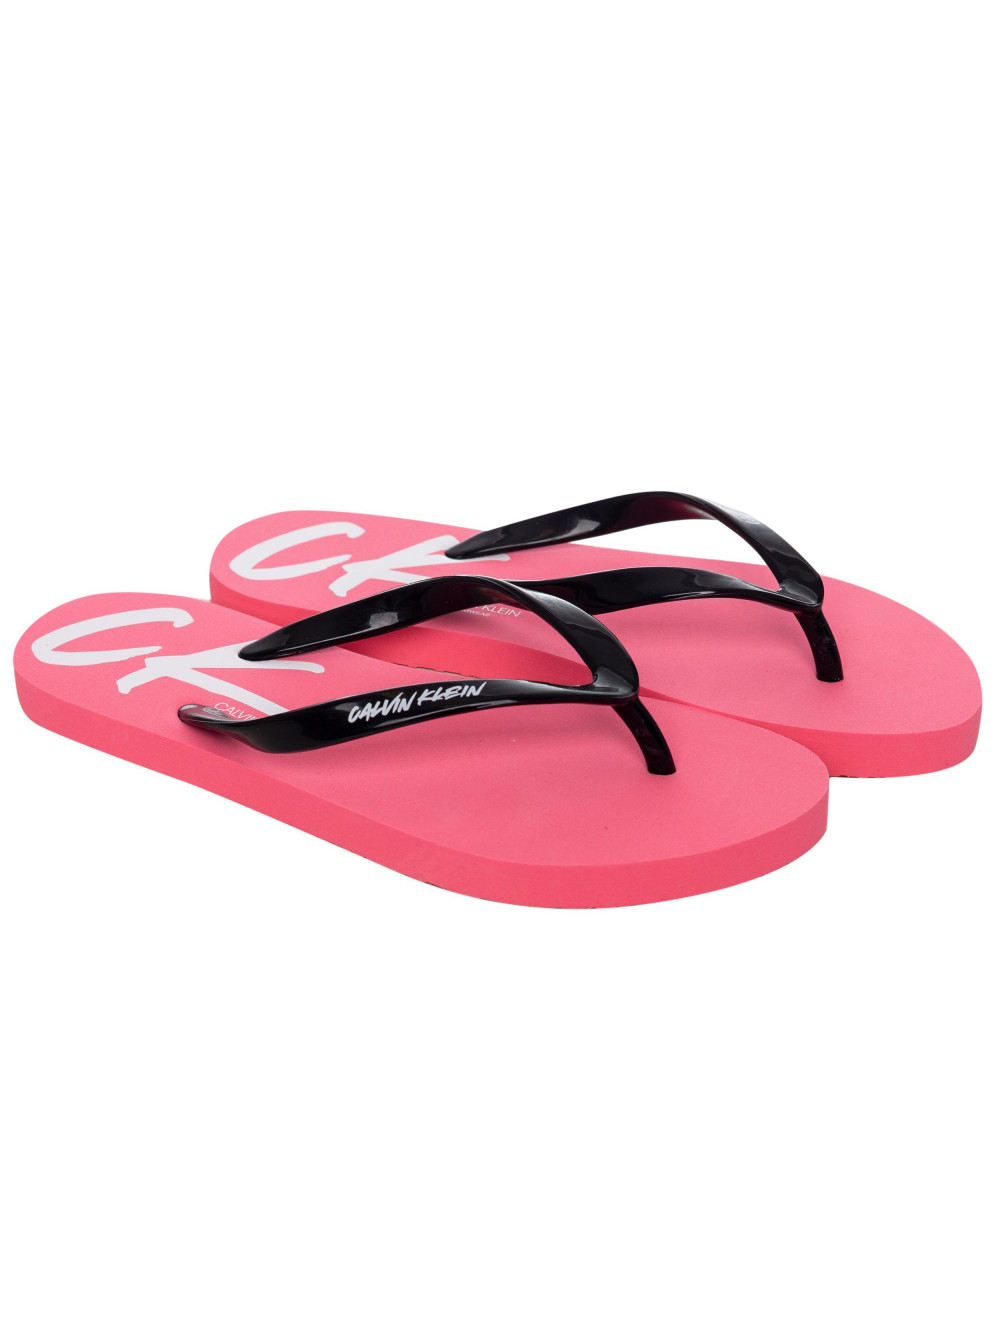 Dámské žabky Calvin Klein Wave růžovo-černé